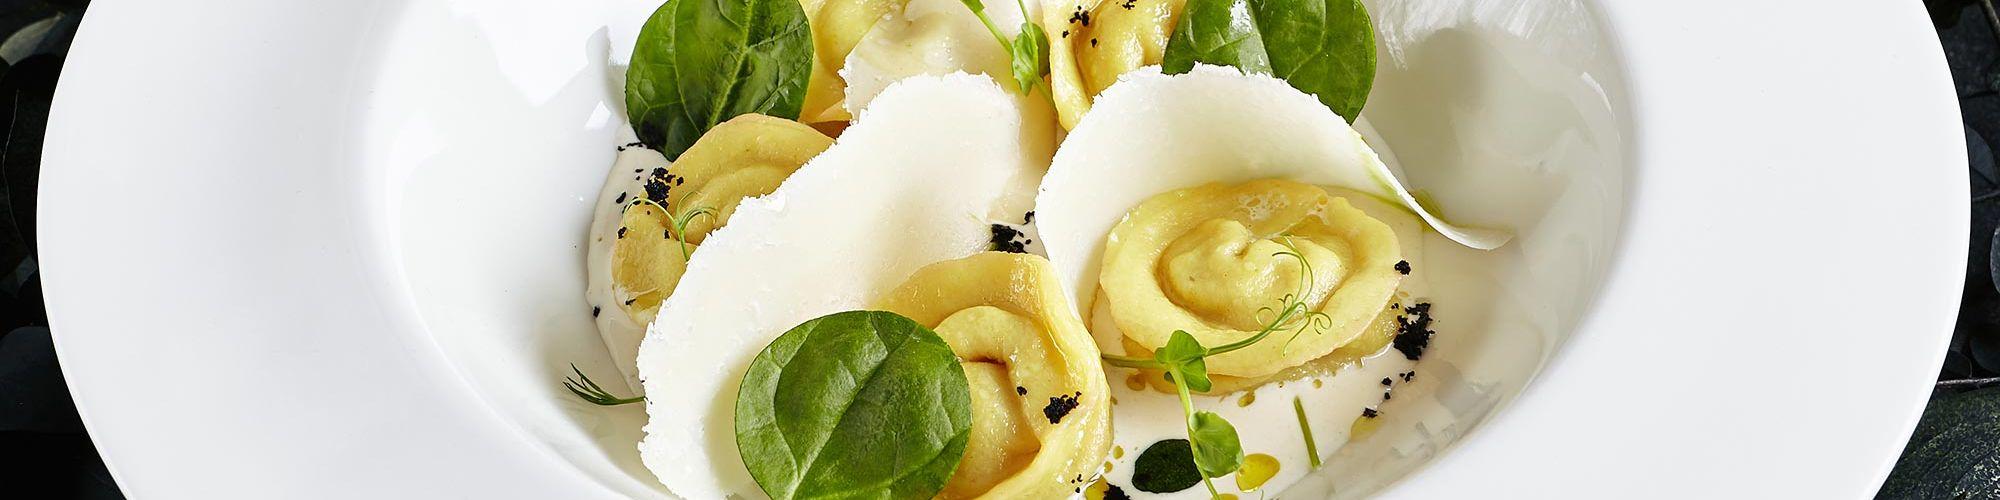 ricetta Tortelloni con granchio, crema alla panna acida e tartufo nero con pasta fresca